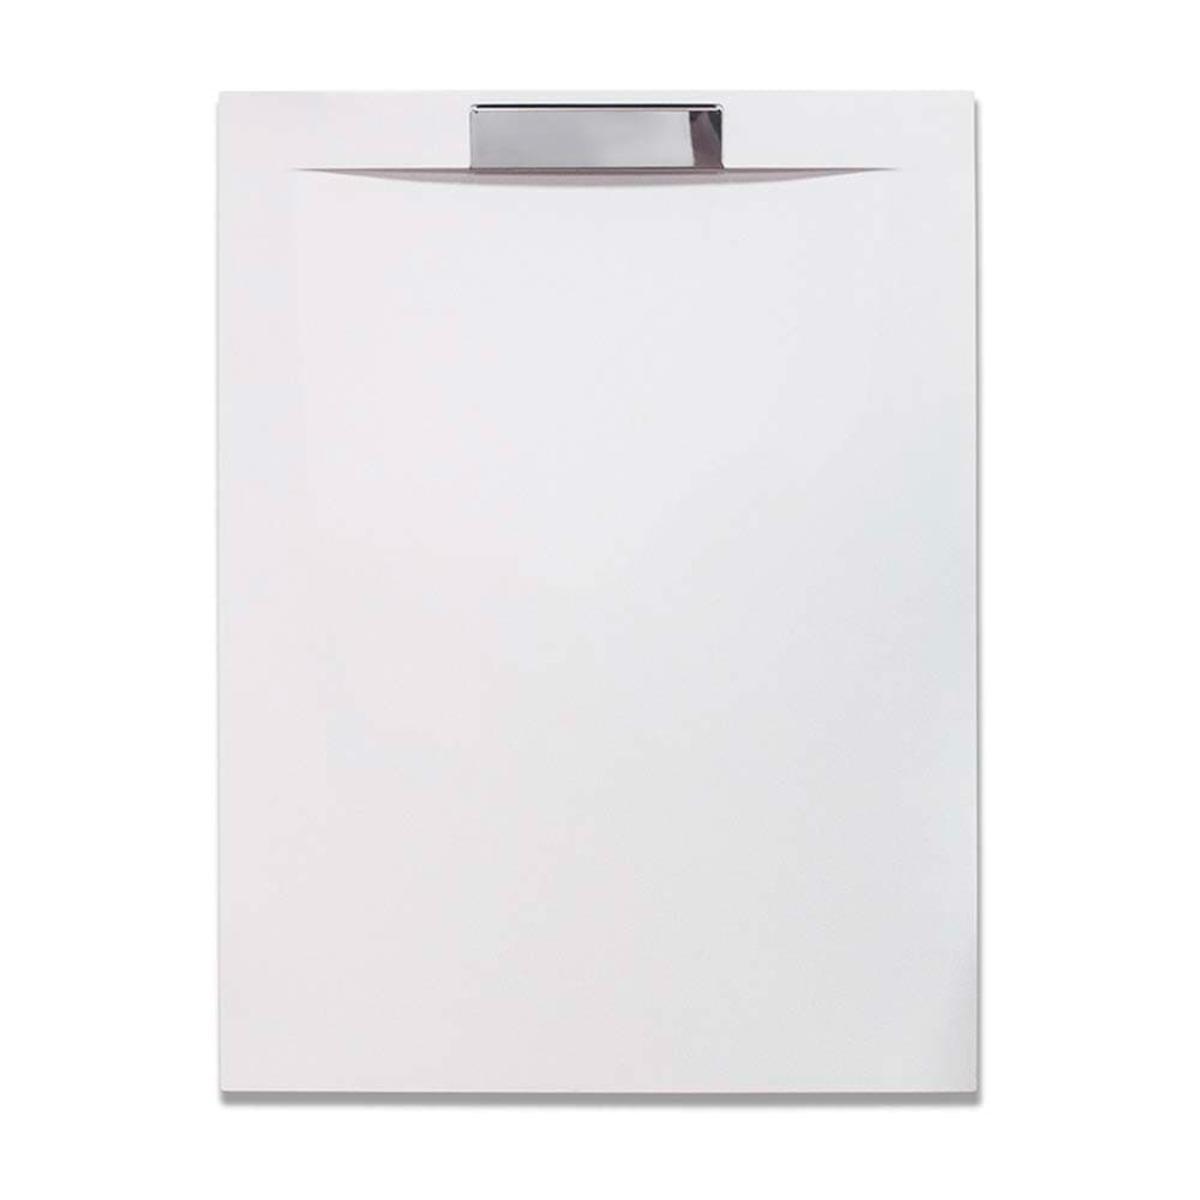 Sprchová vanička obdélníková Roth 120x90 cm litý mramor 8000301